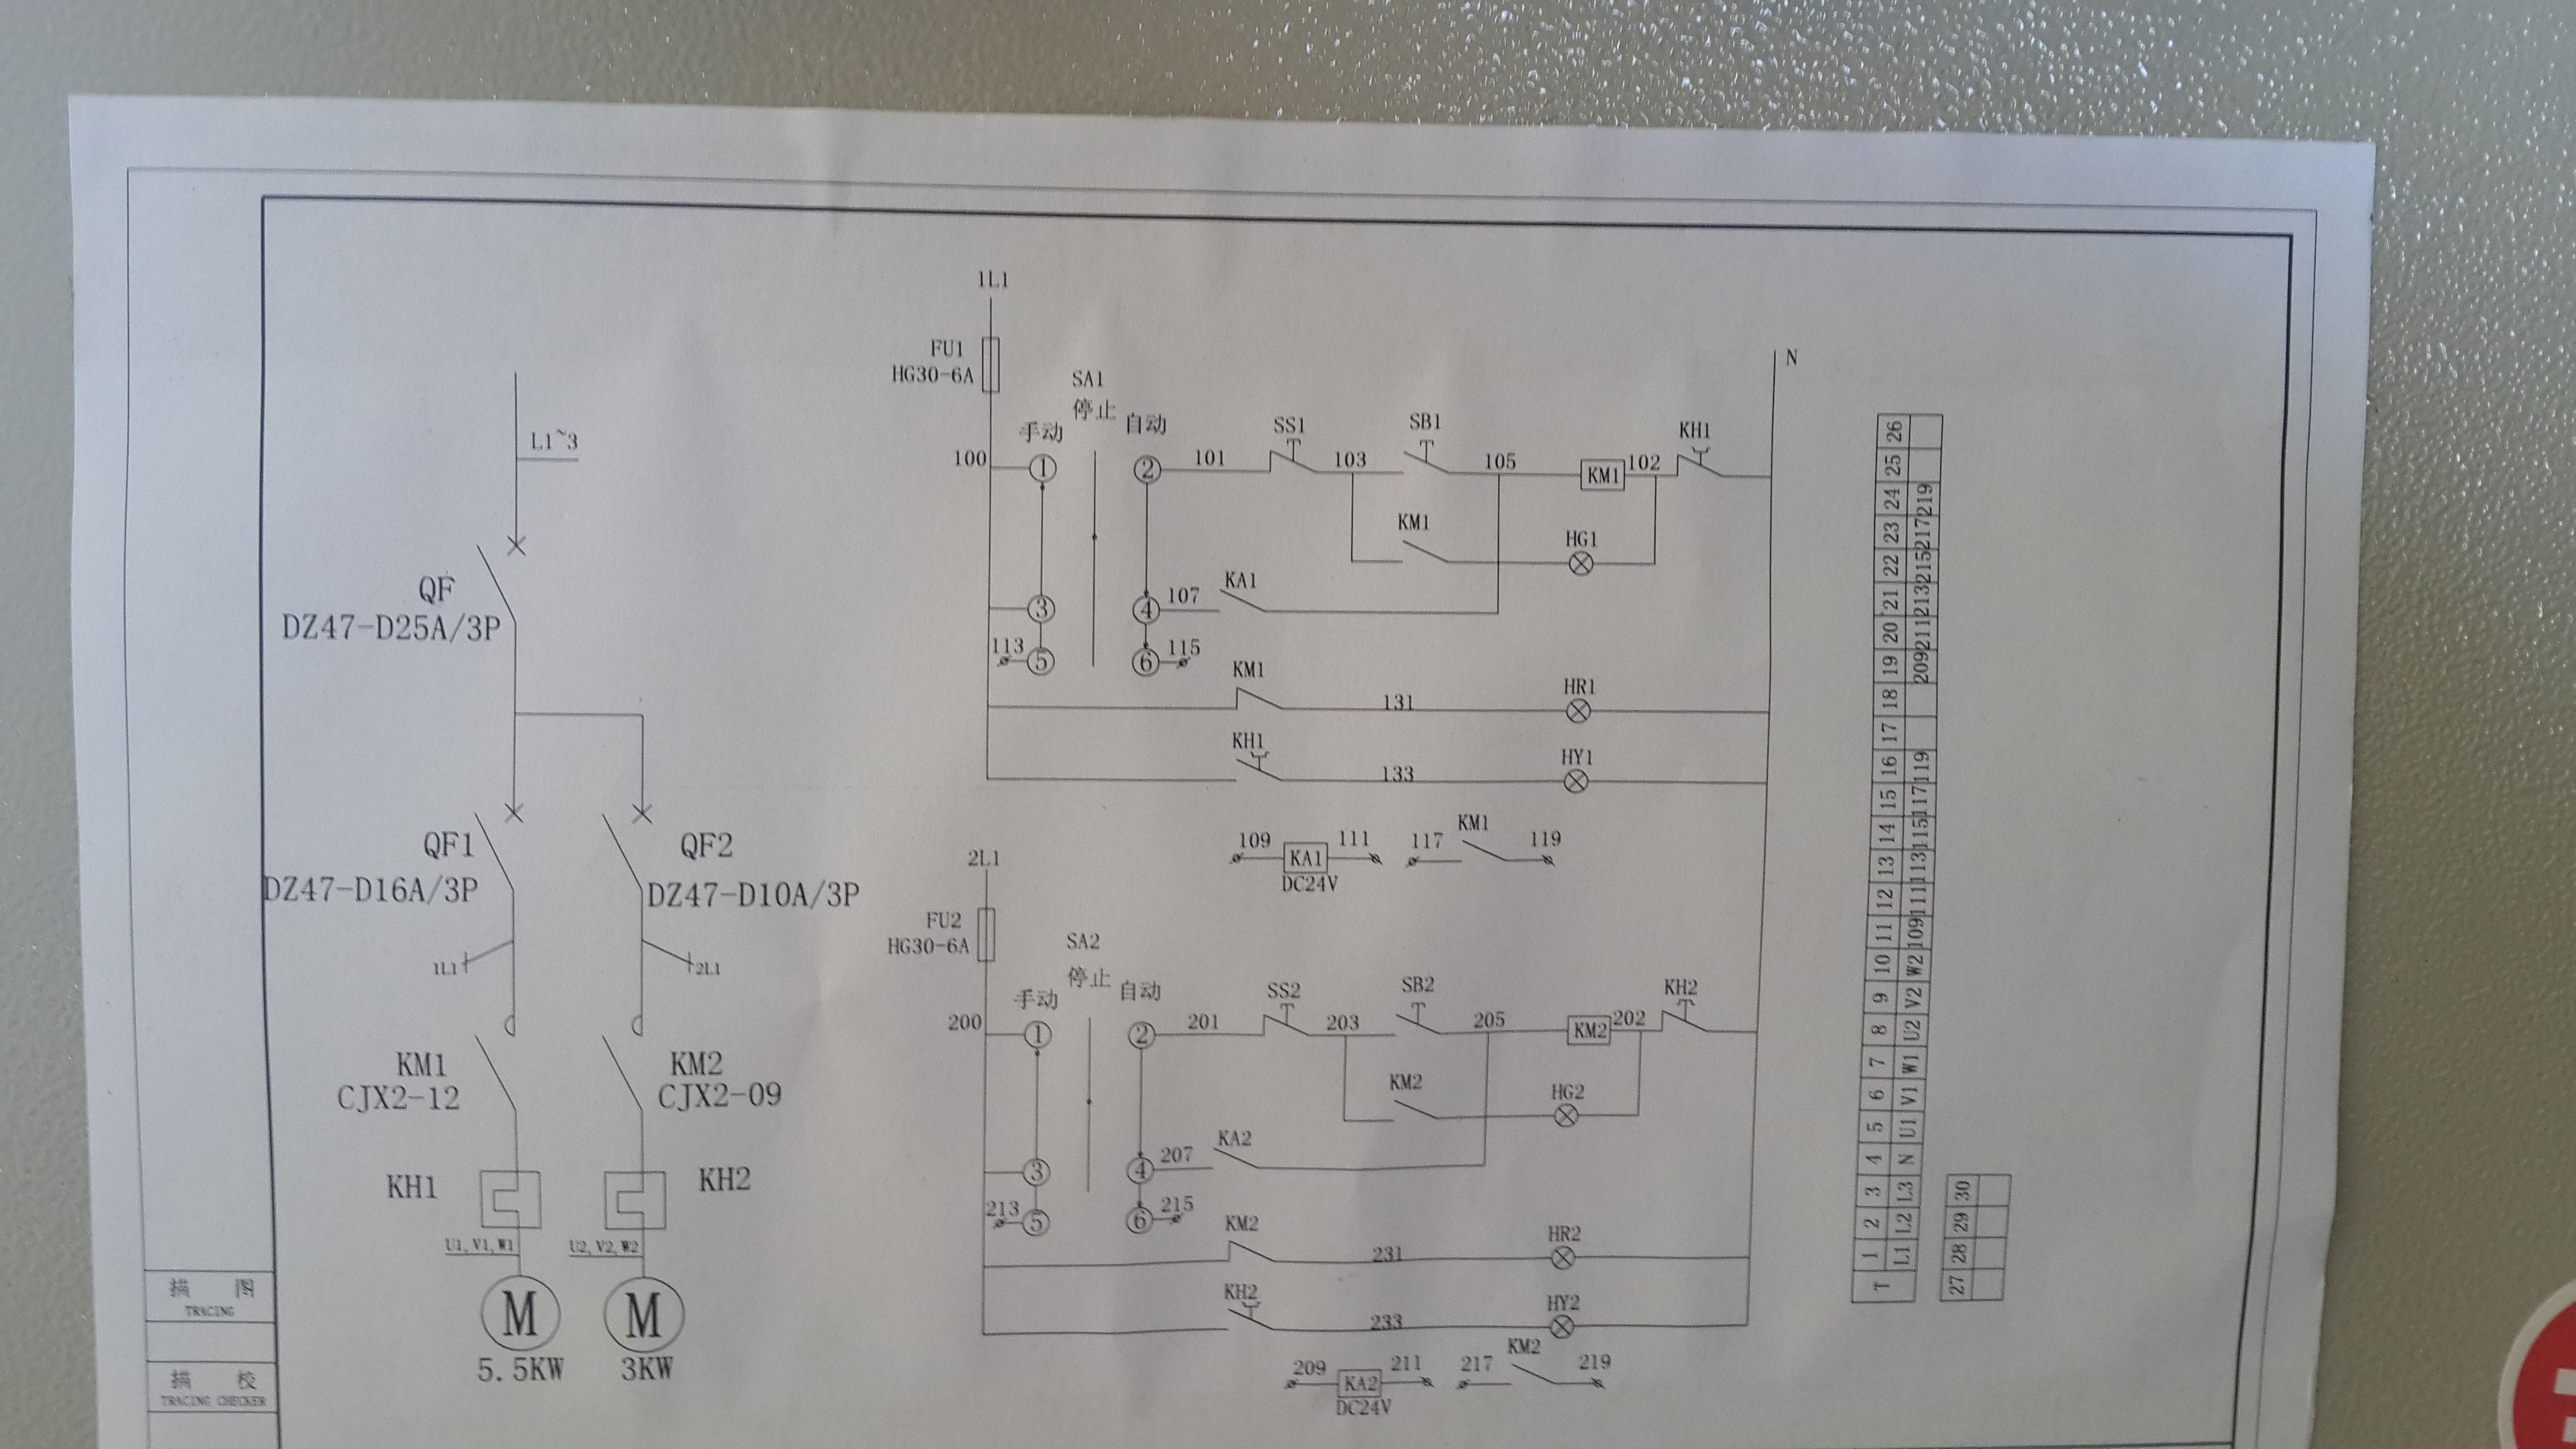 控制与远程控制接线图,问下,113与115为转换开关切换到自动挡时的接